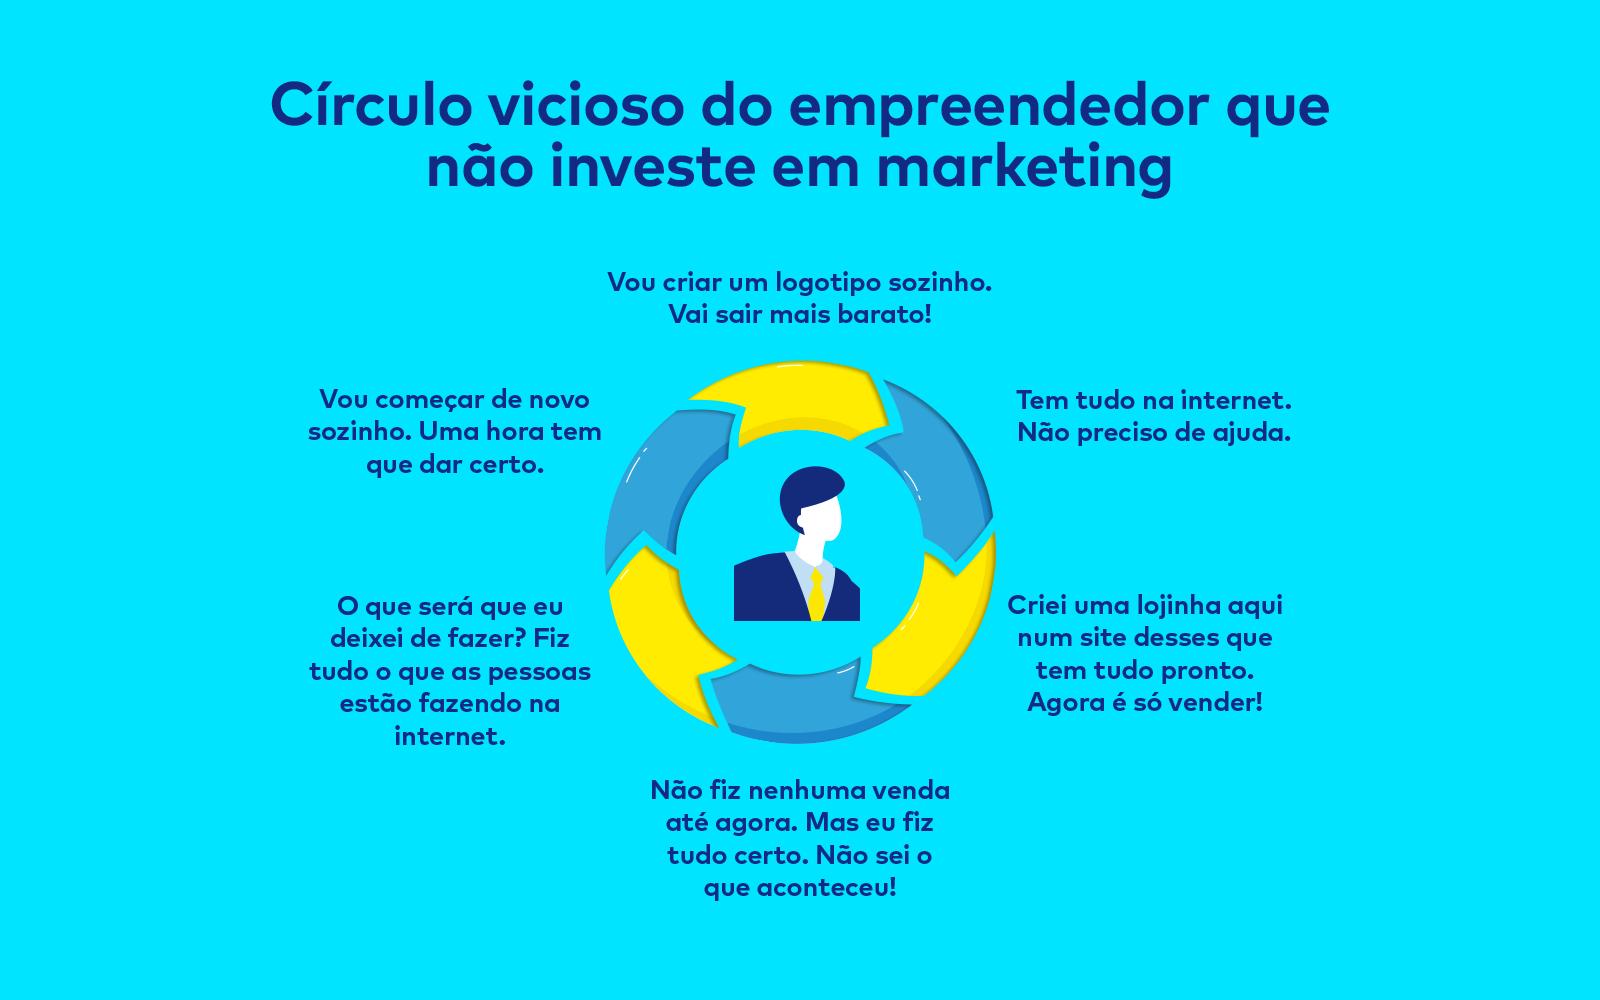 Círculo vicioso do empreendedor que não investe em marketing